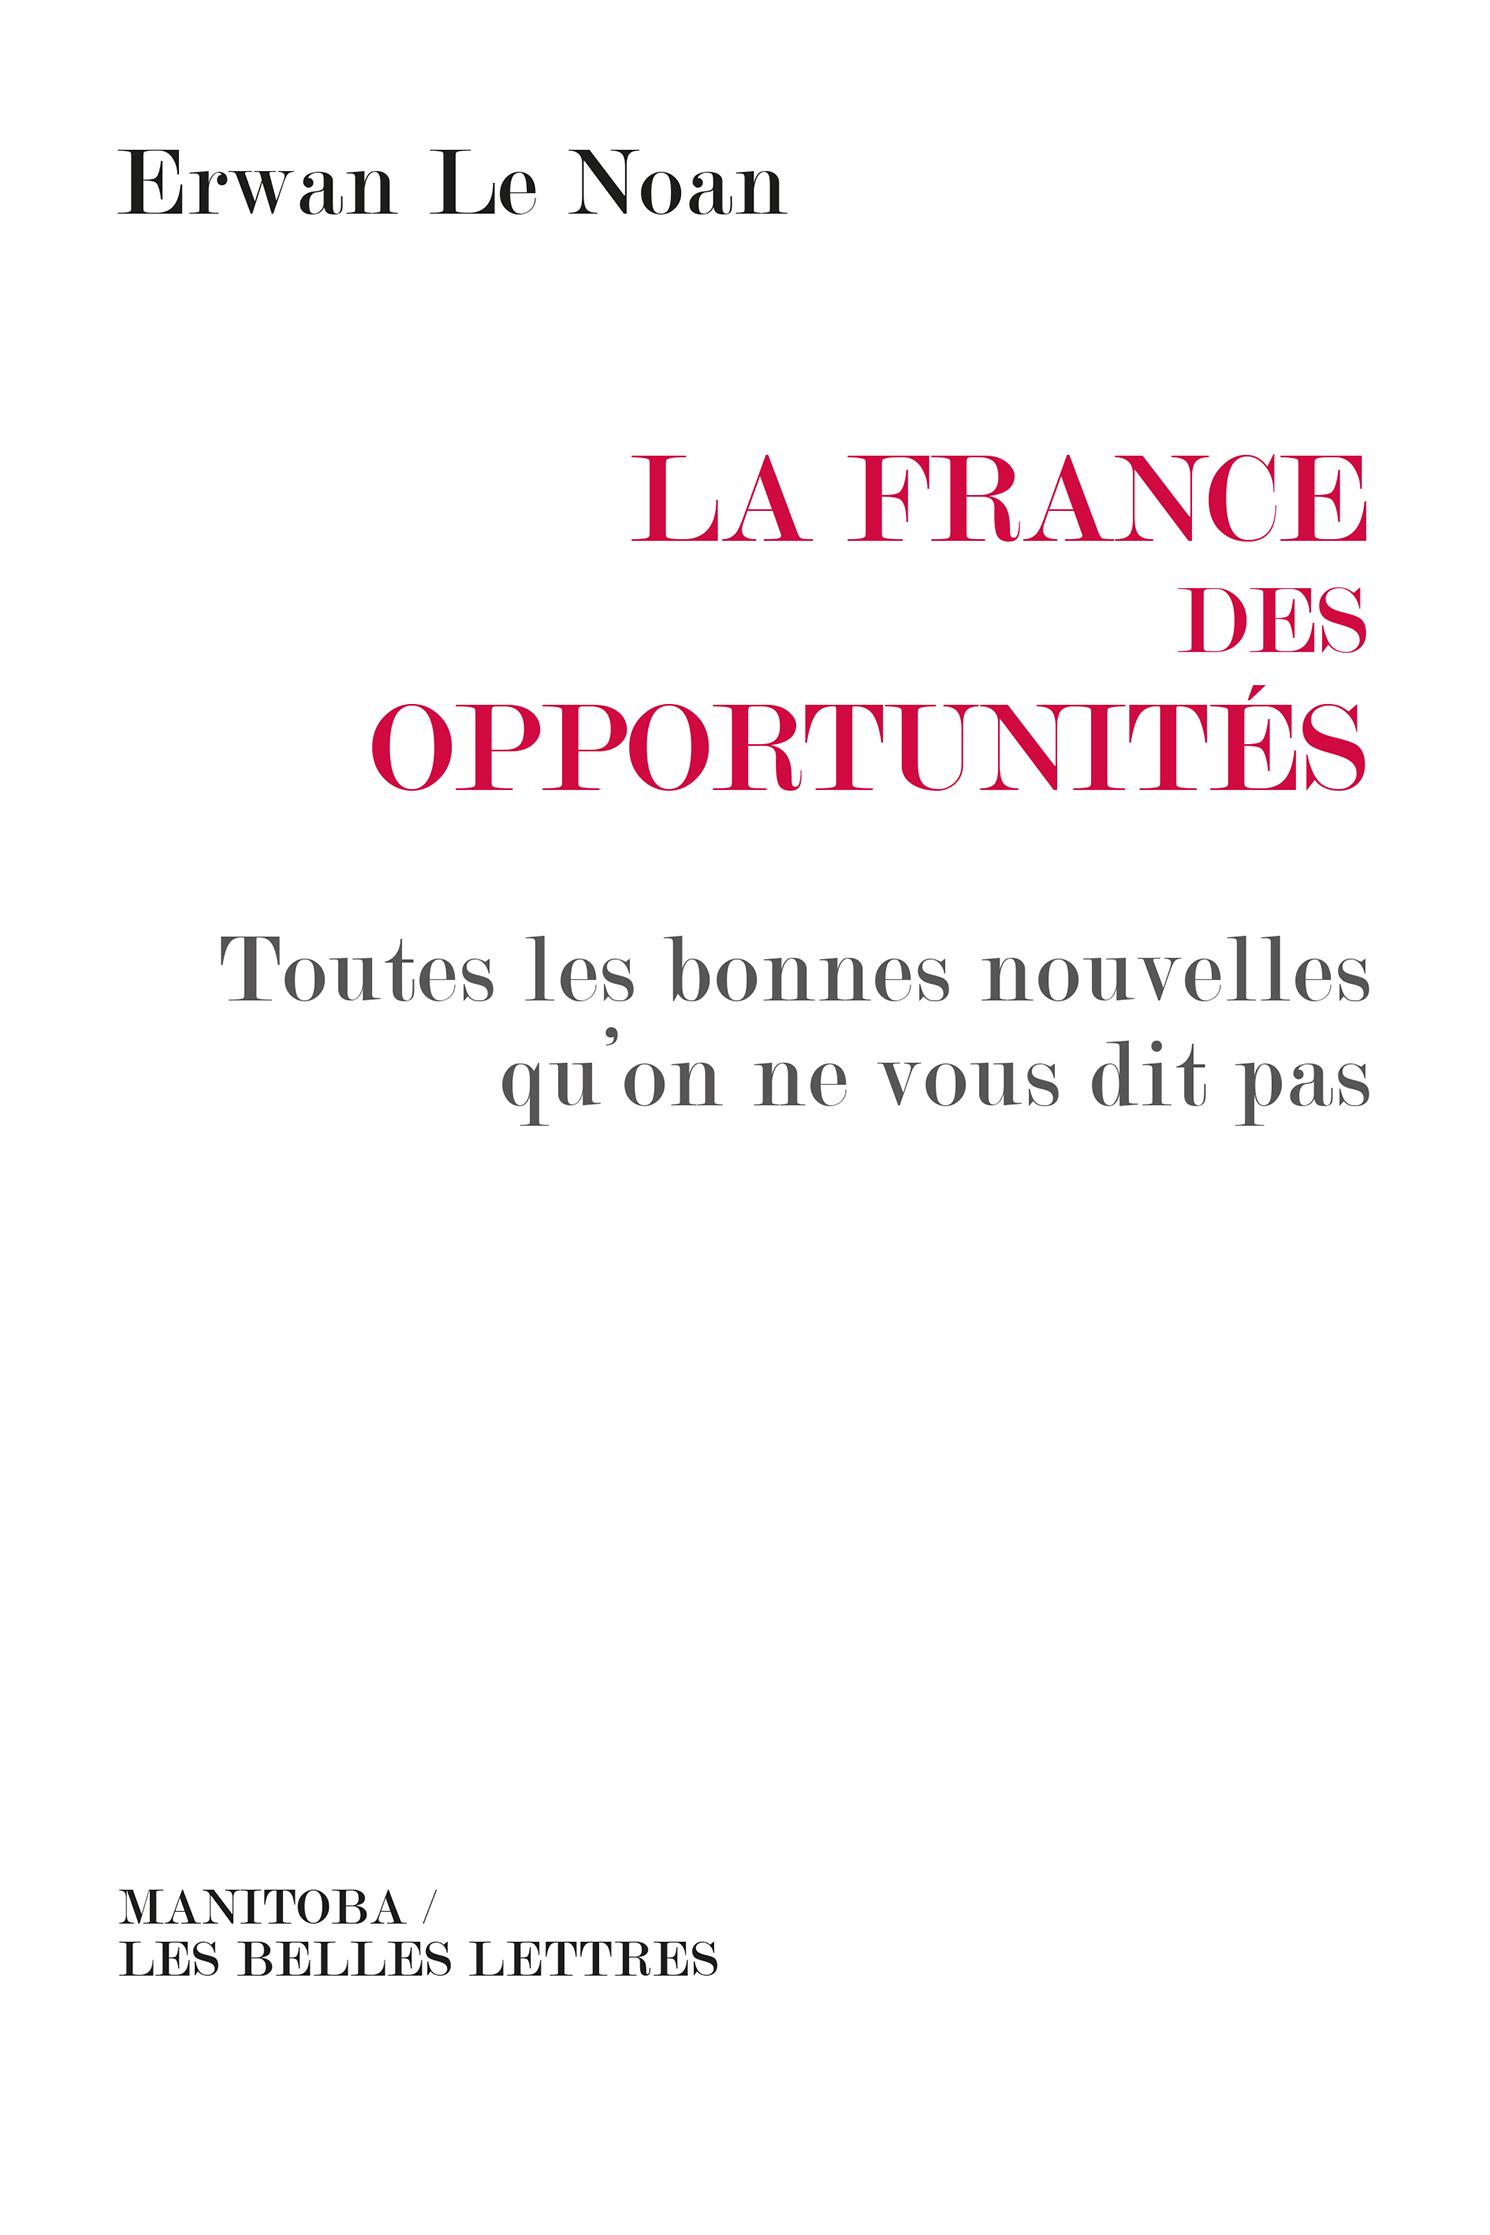 La France des opportunités